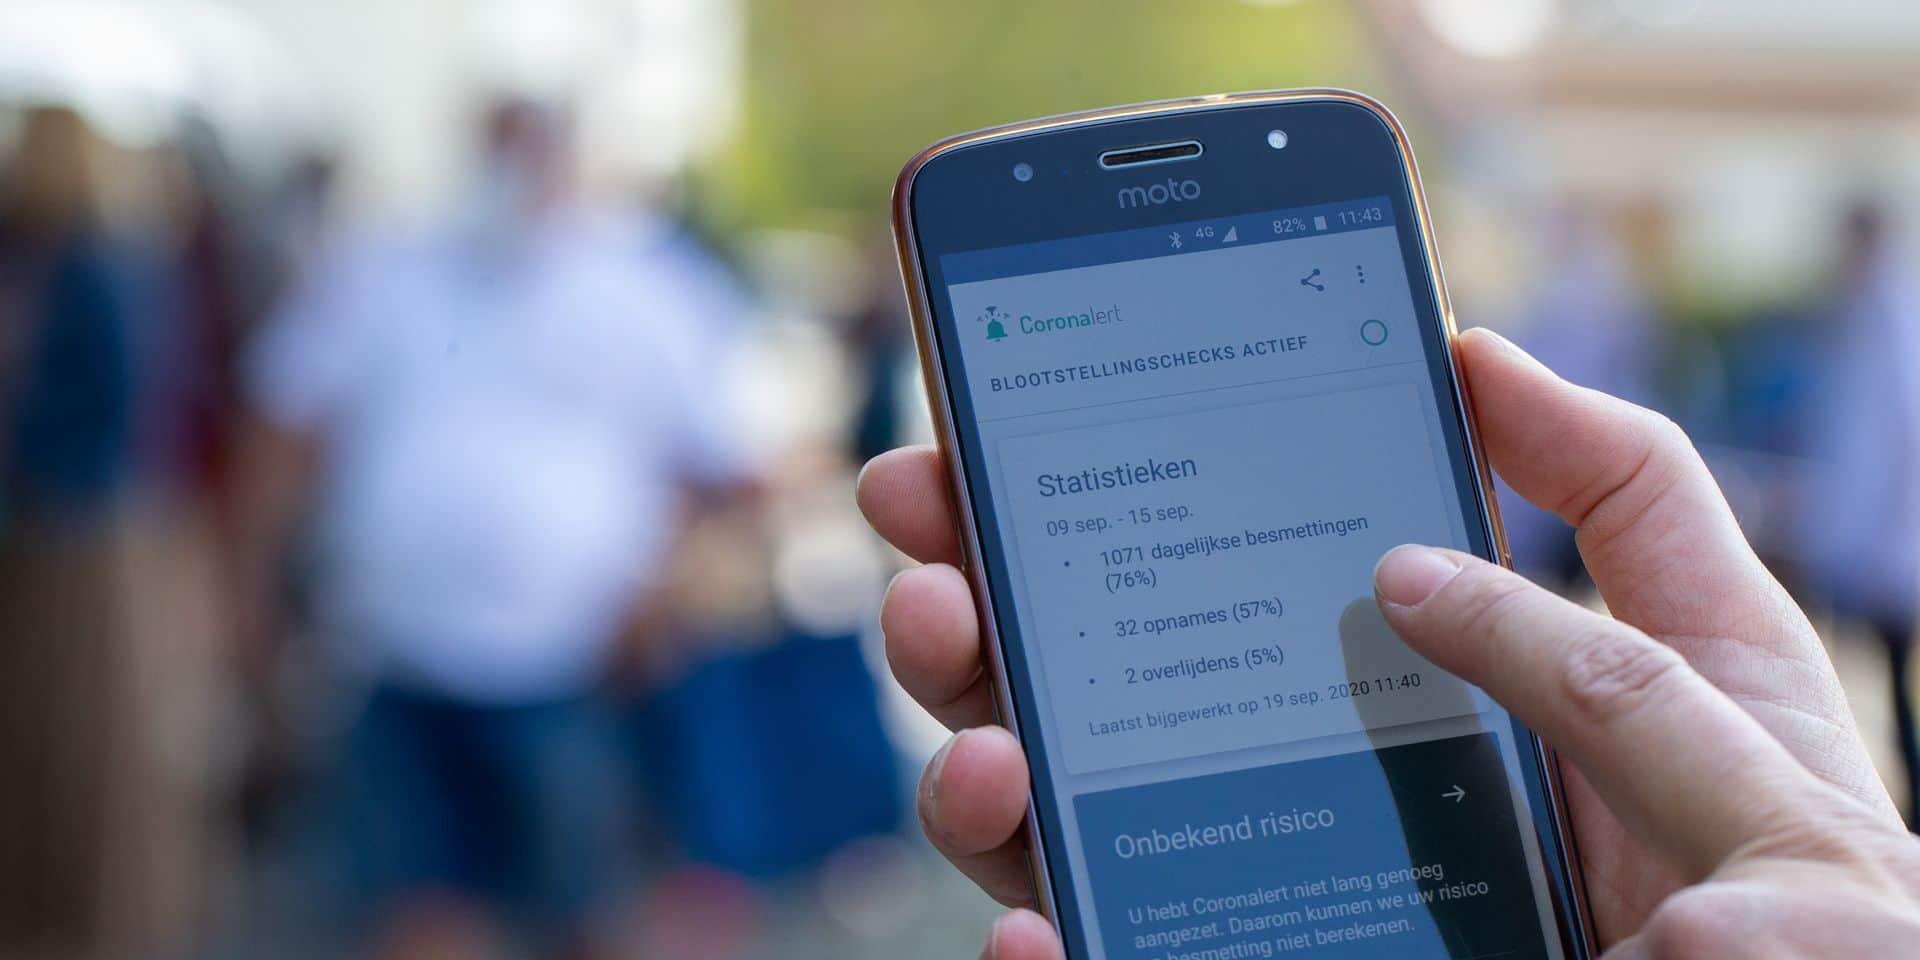 Certains utilisateurs rencontrent des problèmes sur l'application Coronalert, qui ne fonctionne plus depuis plusieurs jours